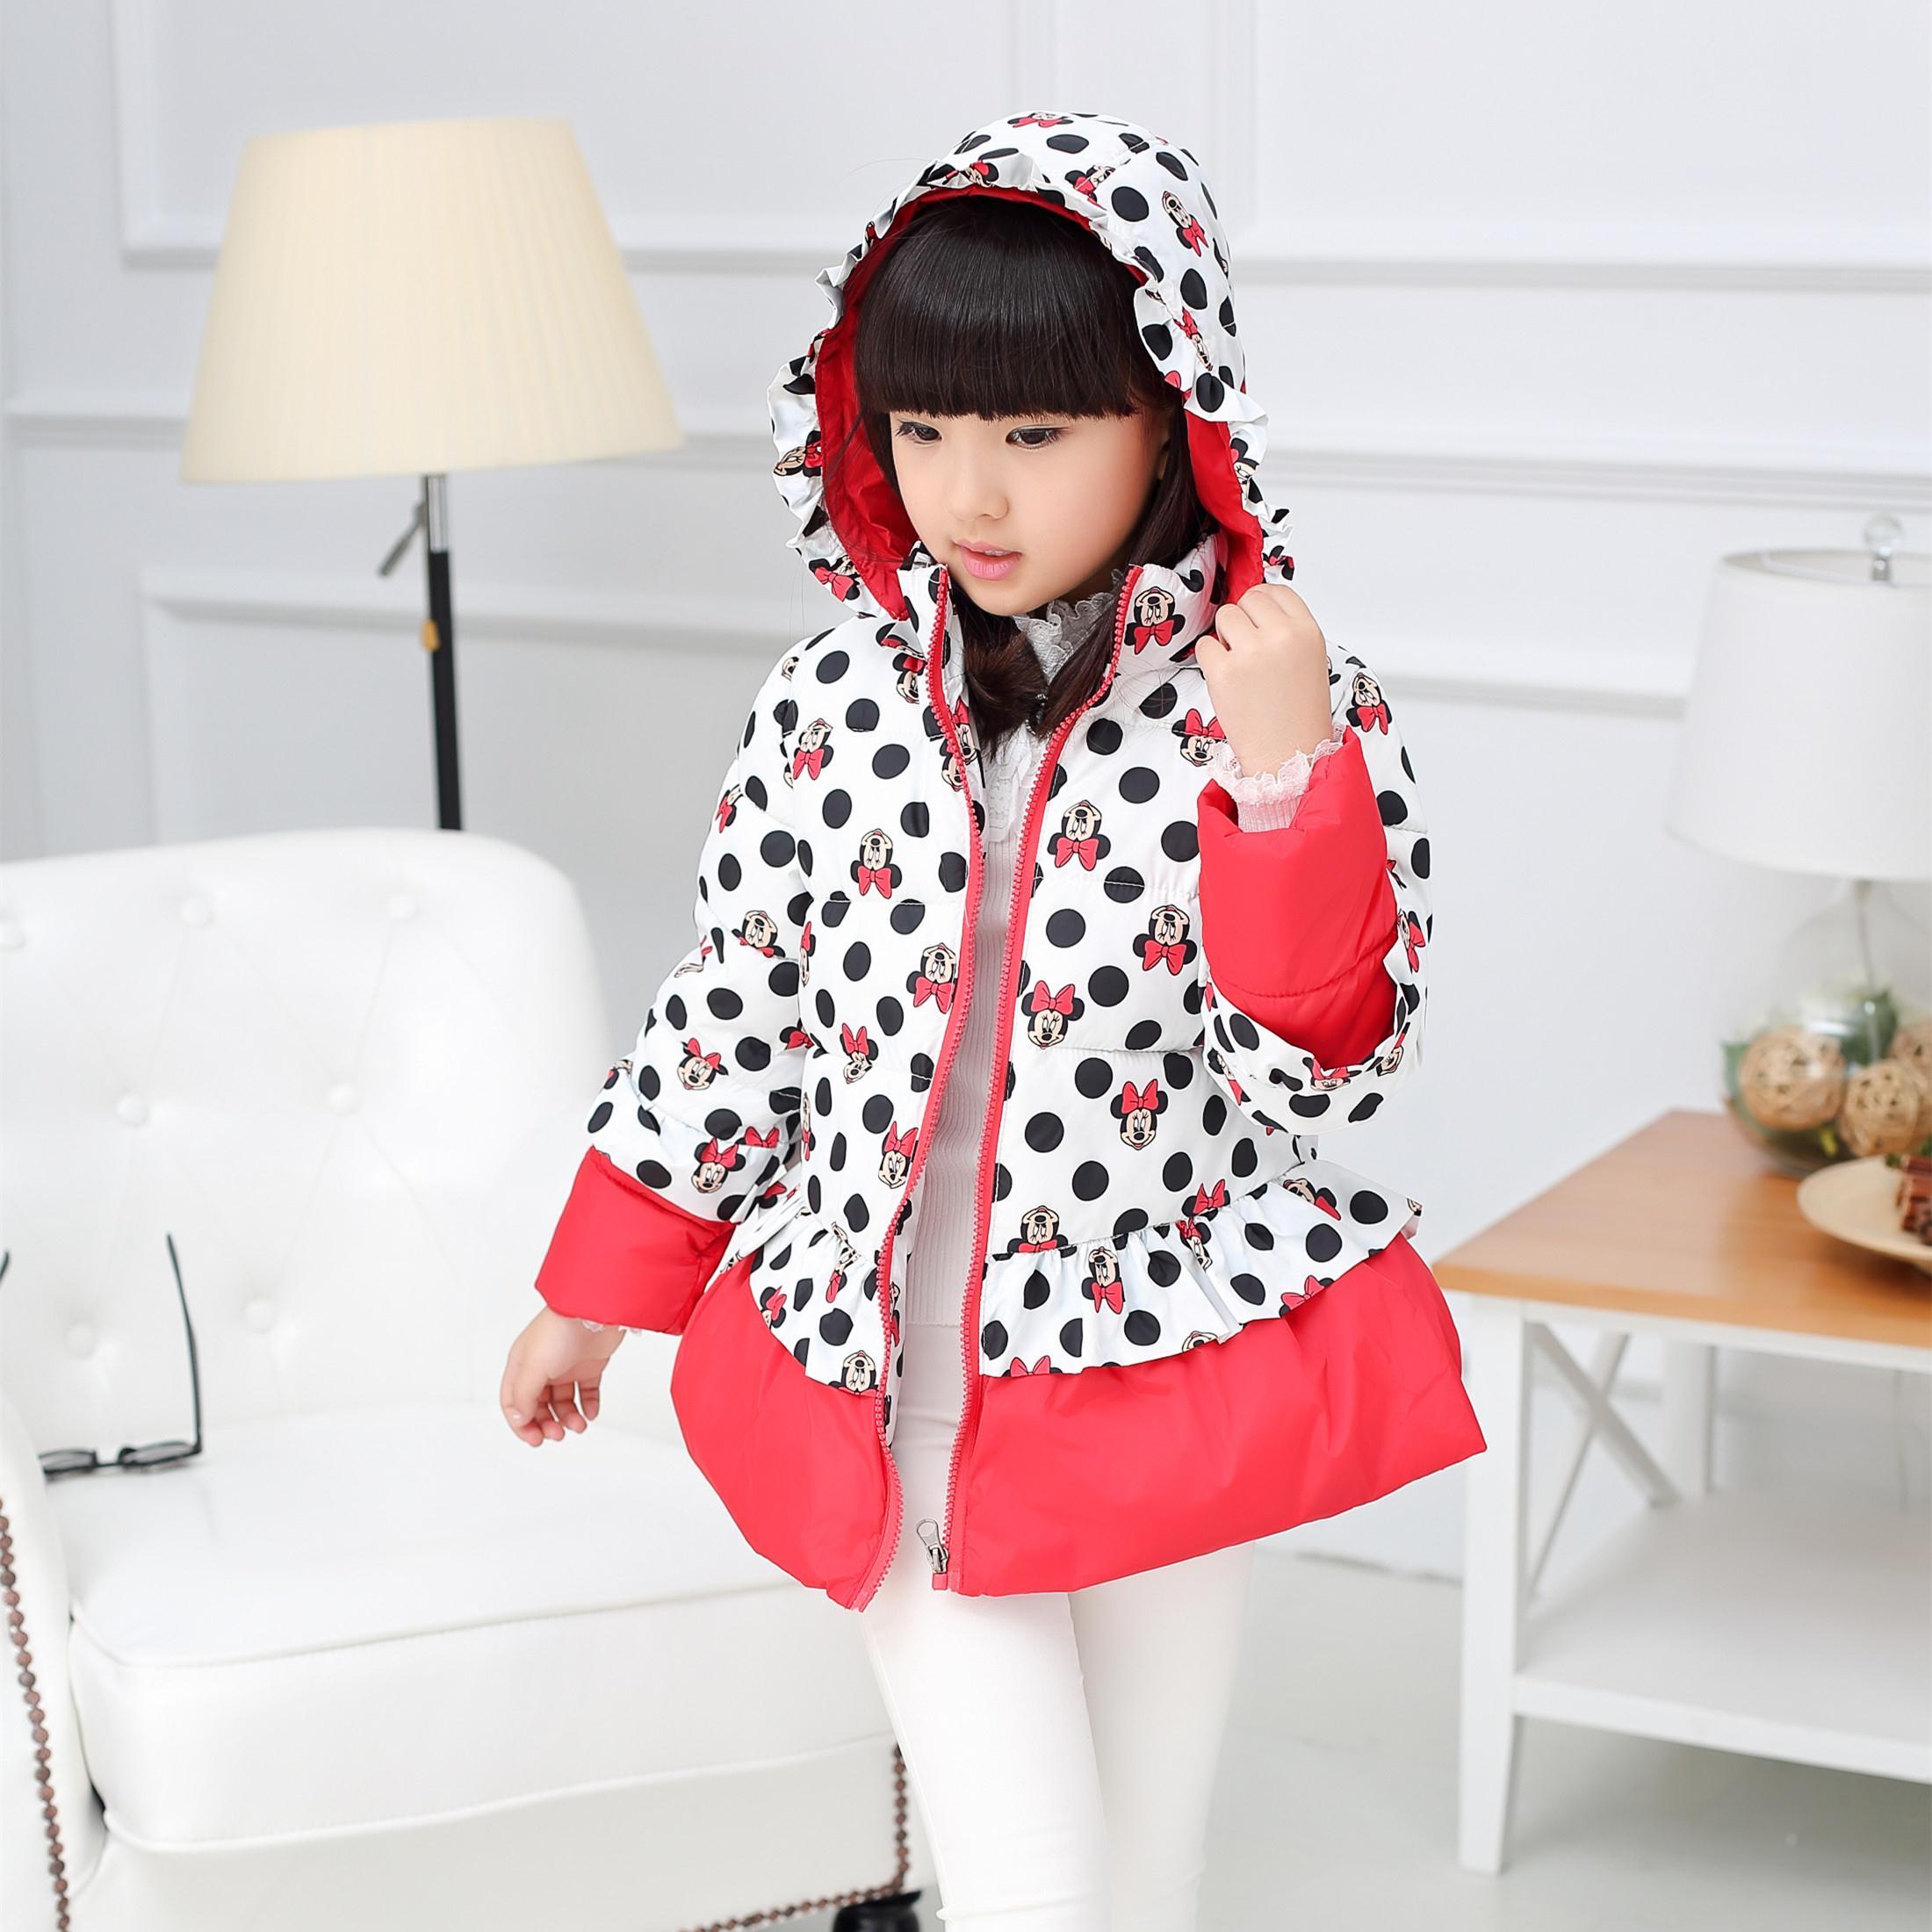 2015冬季拉链衫纯色时尚休闲男女儿童短款加厚棉衣服连帽棉袄外套